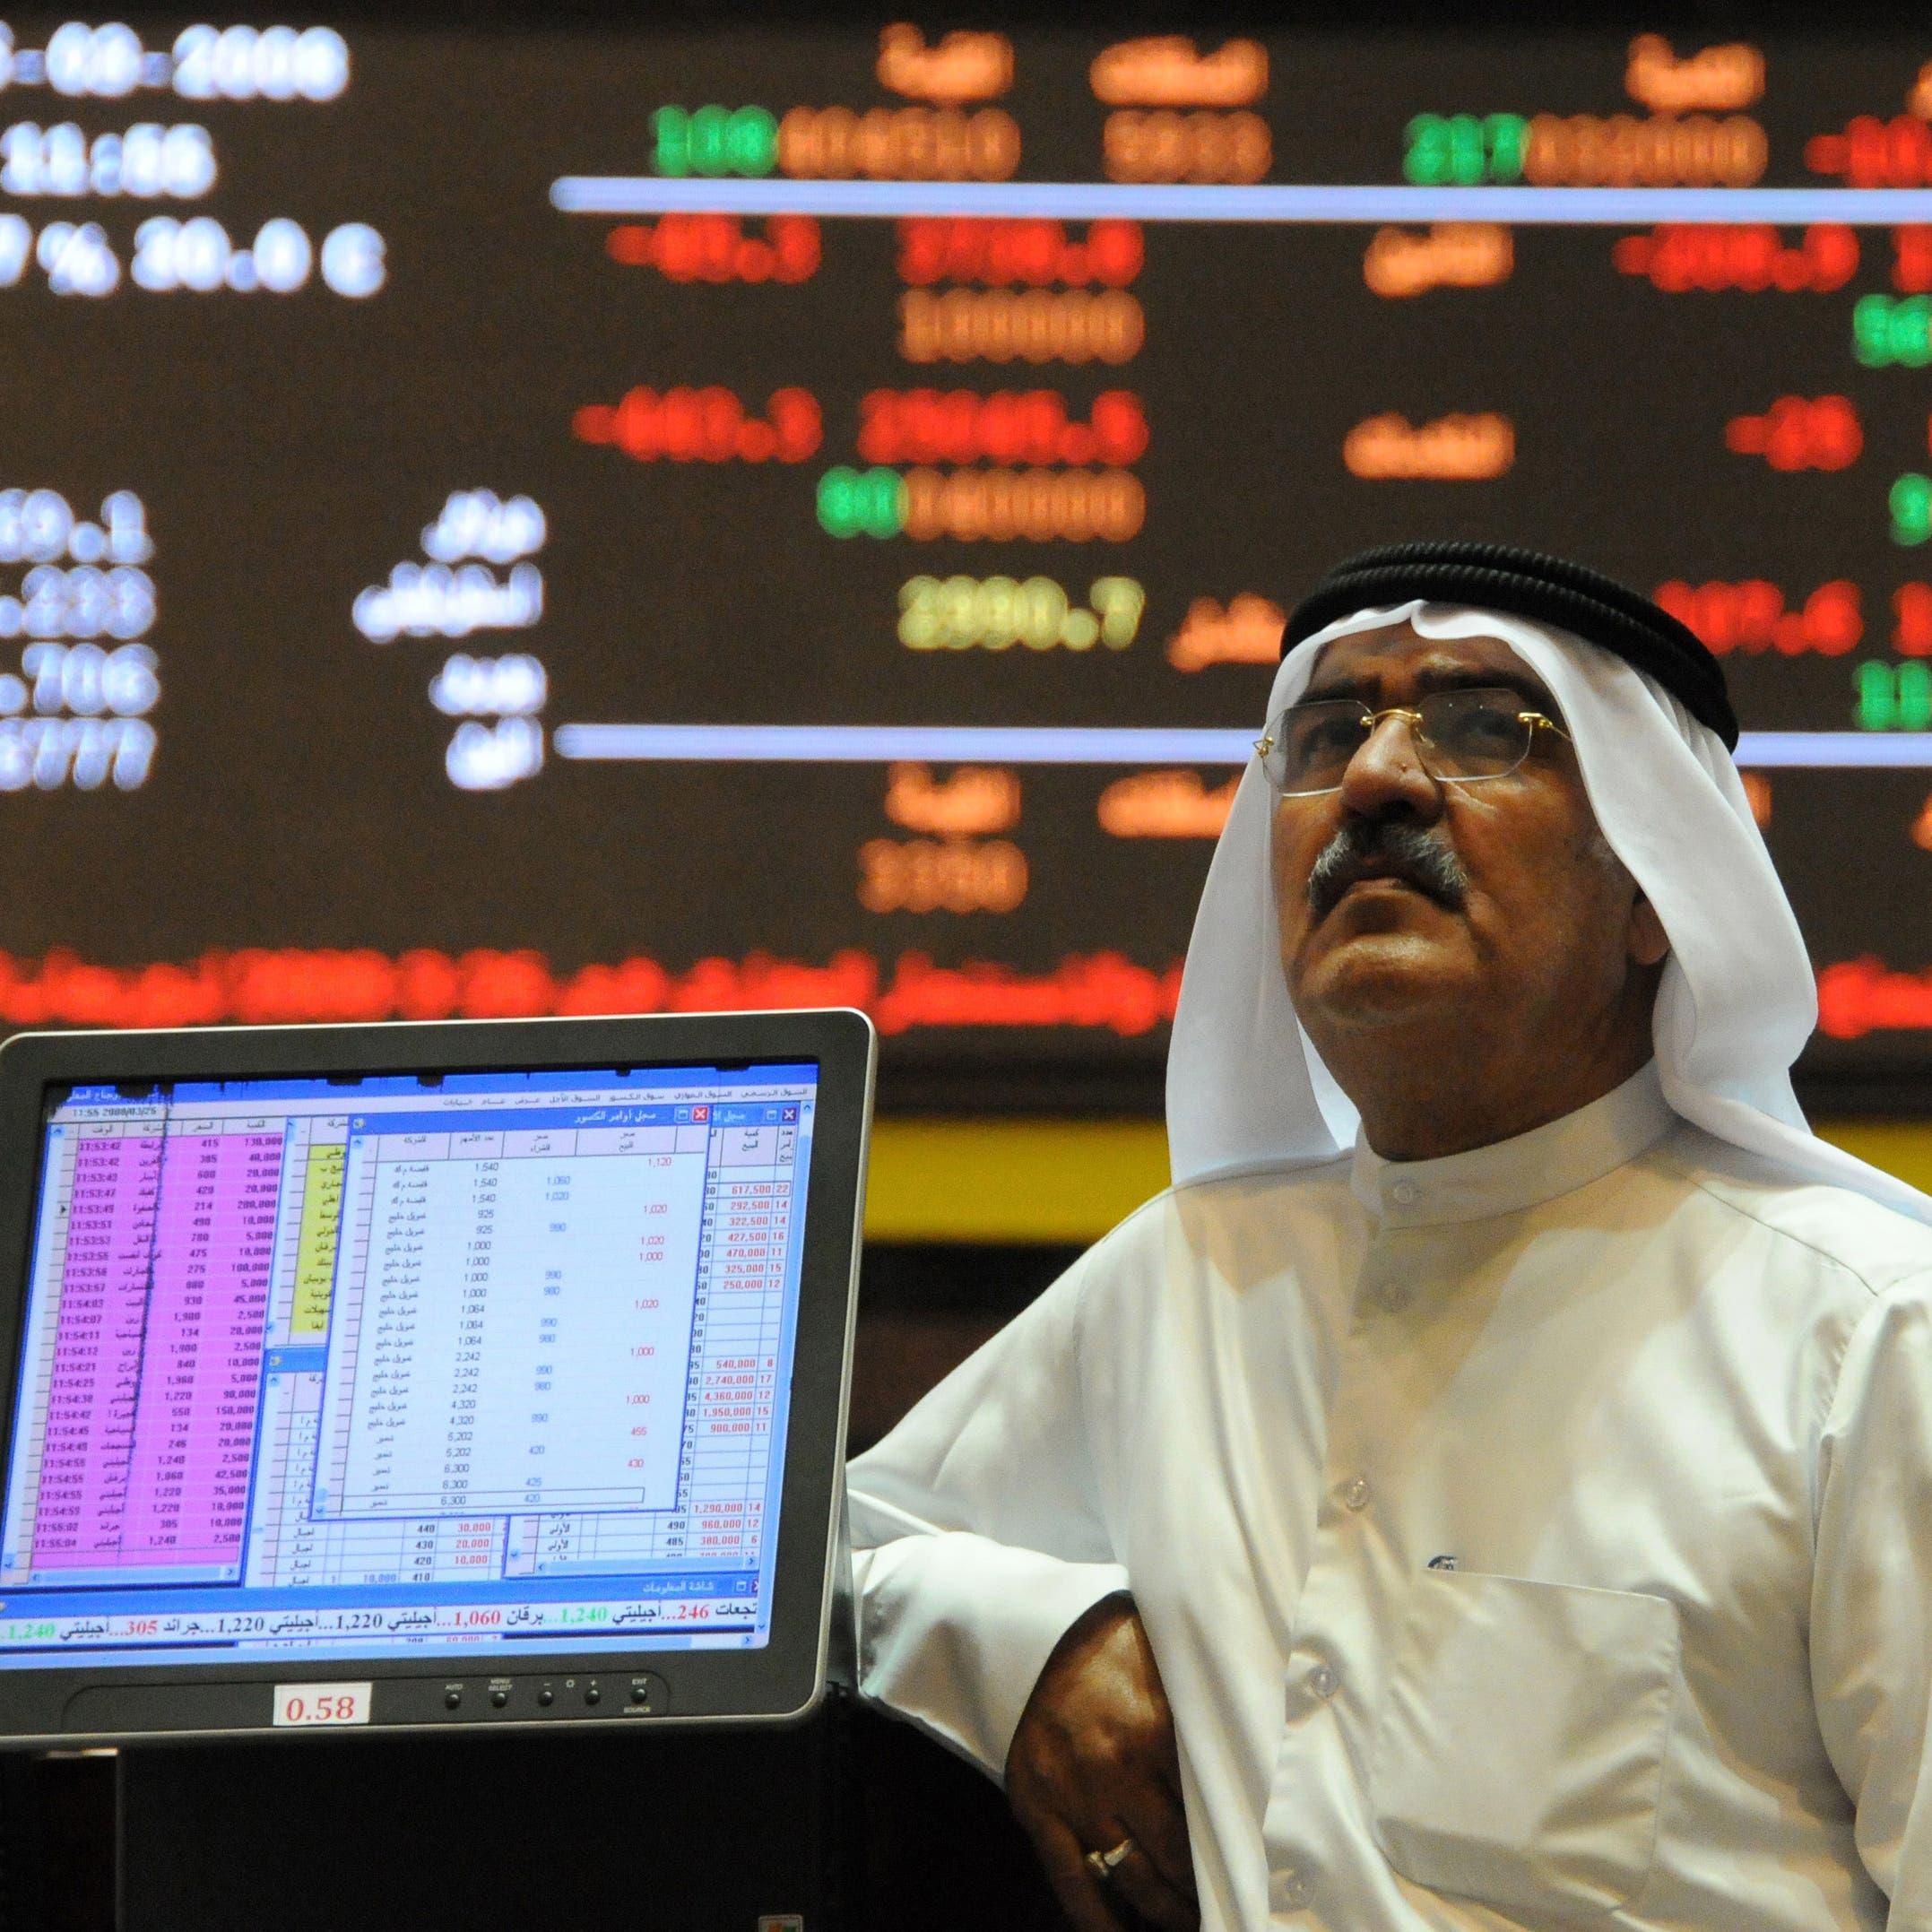 لماذا لم تتفاعل السوق الكويتية بأنباء الترقية لـMSCI؟